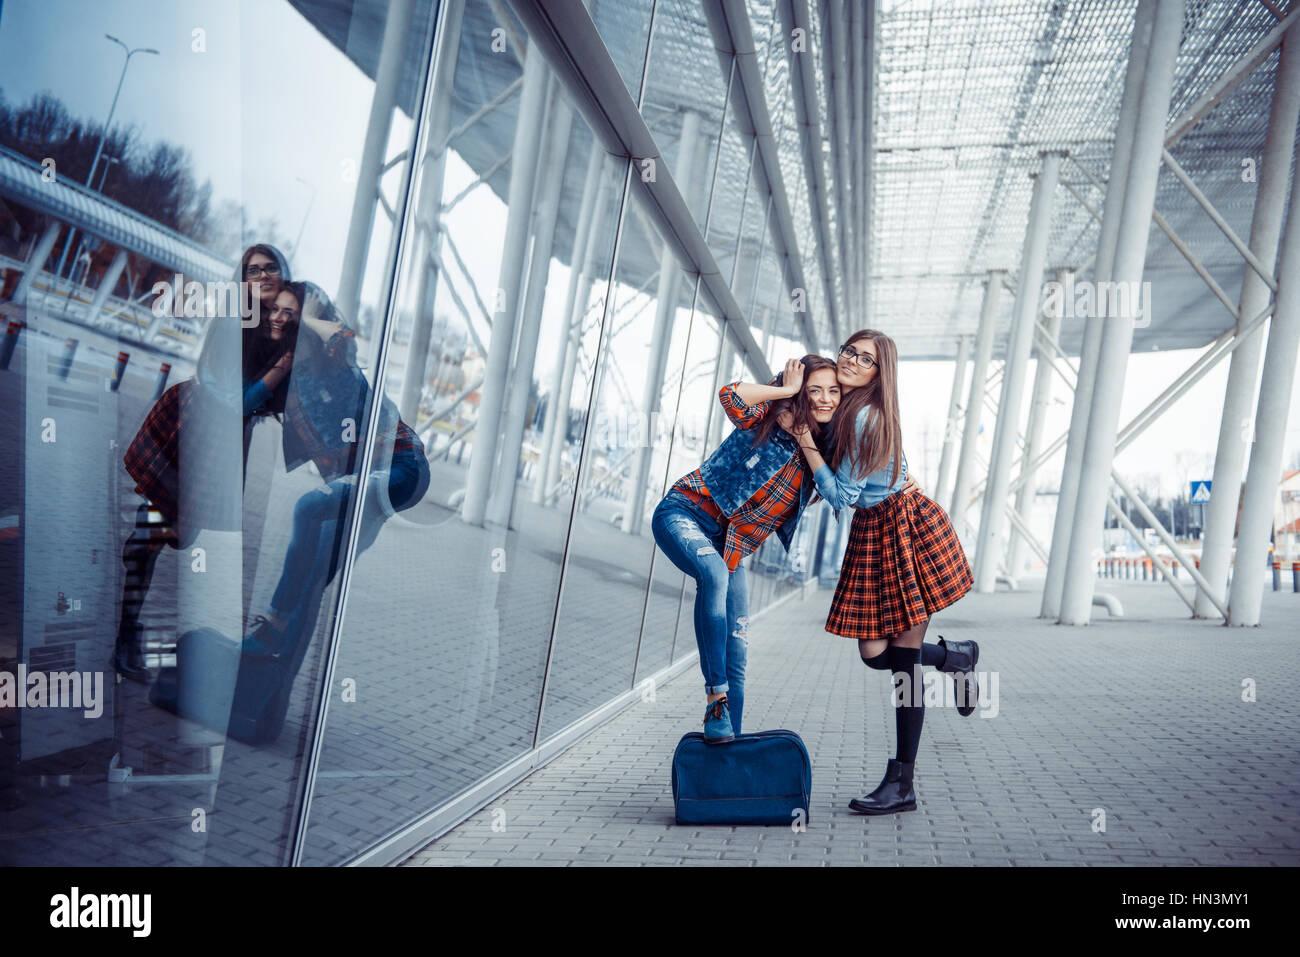 Le ragazze del divertimento e felice quando si sono incontrati presso l'aeroporto.Arte proc Immagini Stock